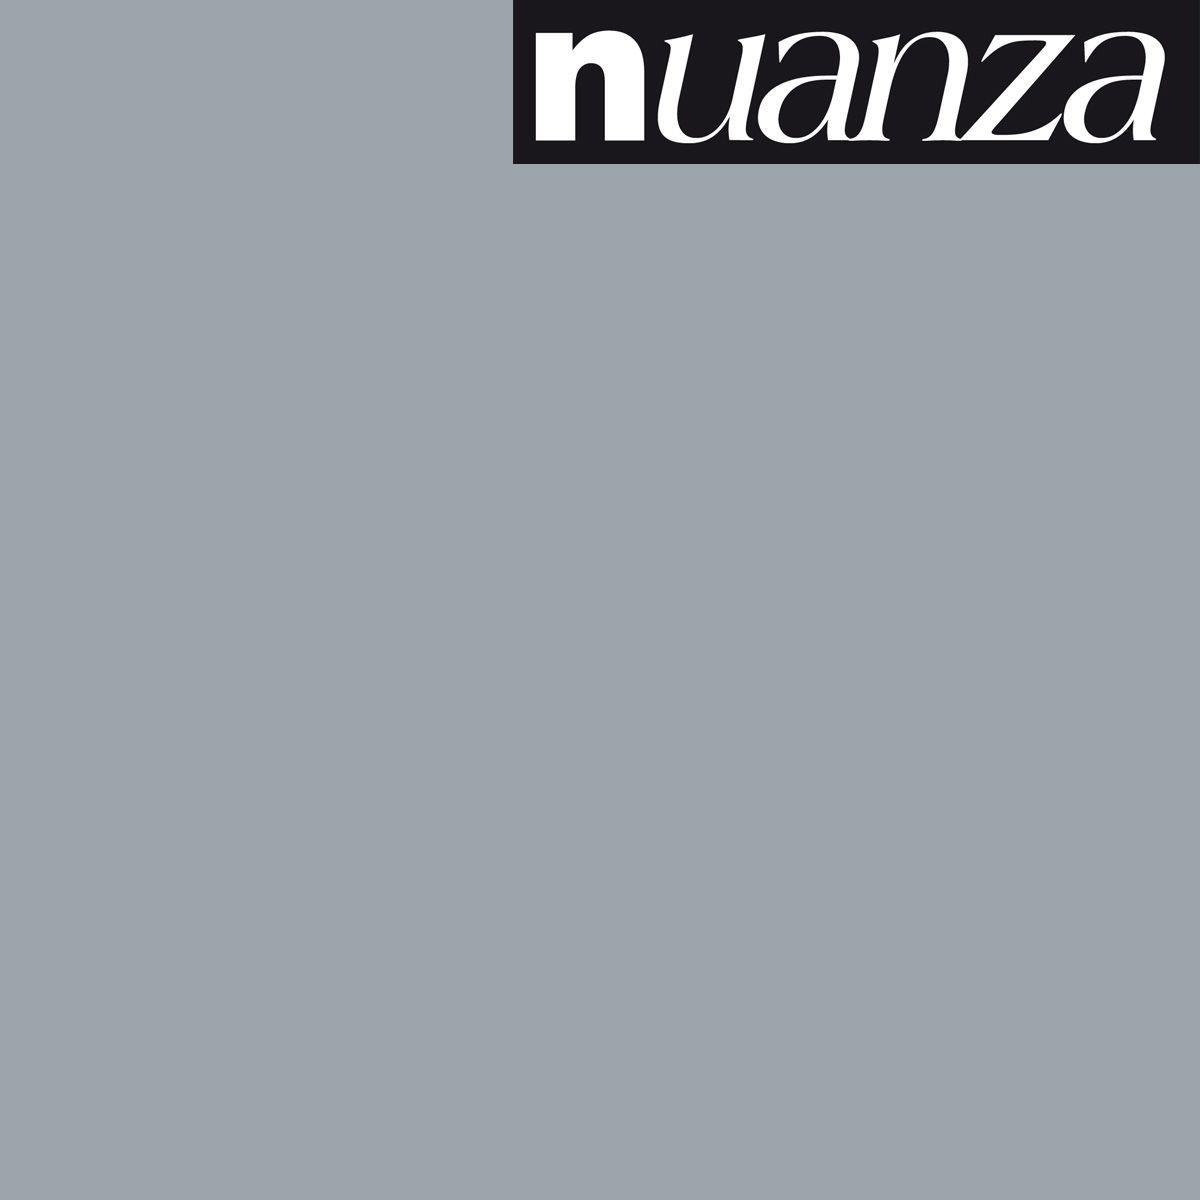 Peinture Nuanza satin monocouche gris béton 0.5l